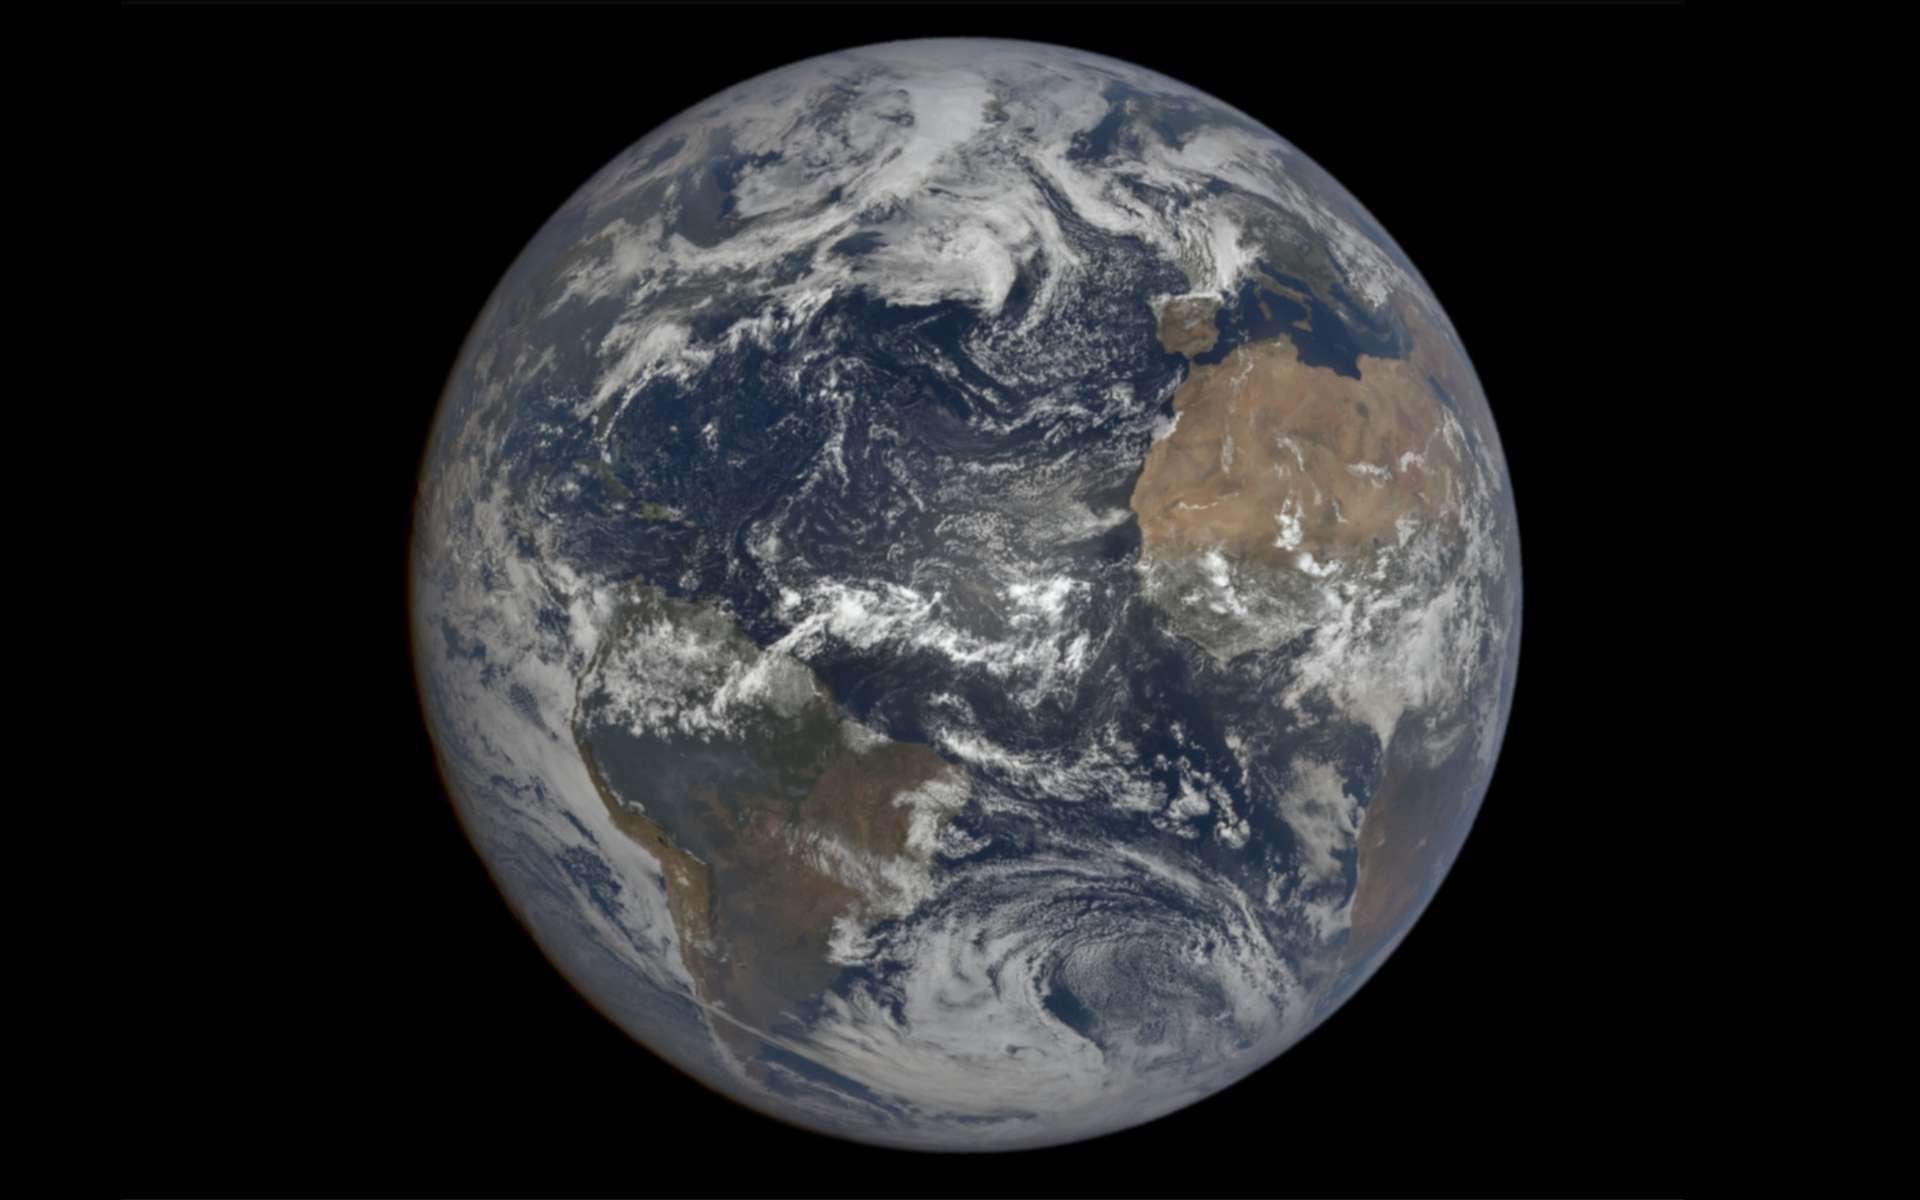 La Terre le 9 août 2021 photographiée par le satellite DSCVR, situé à 1,5 million de kilomètres. © Nasa